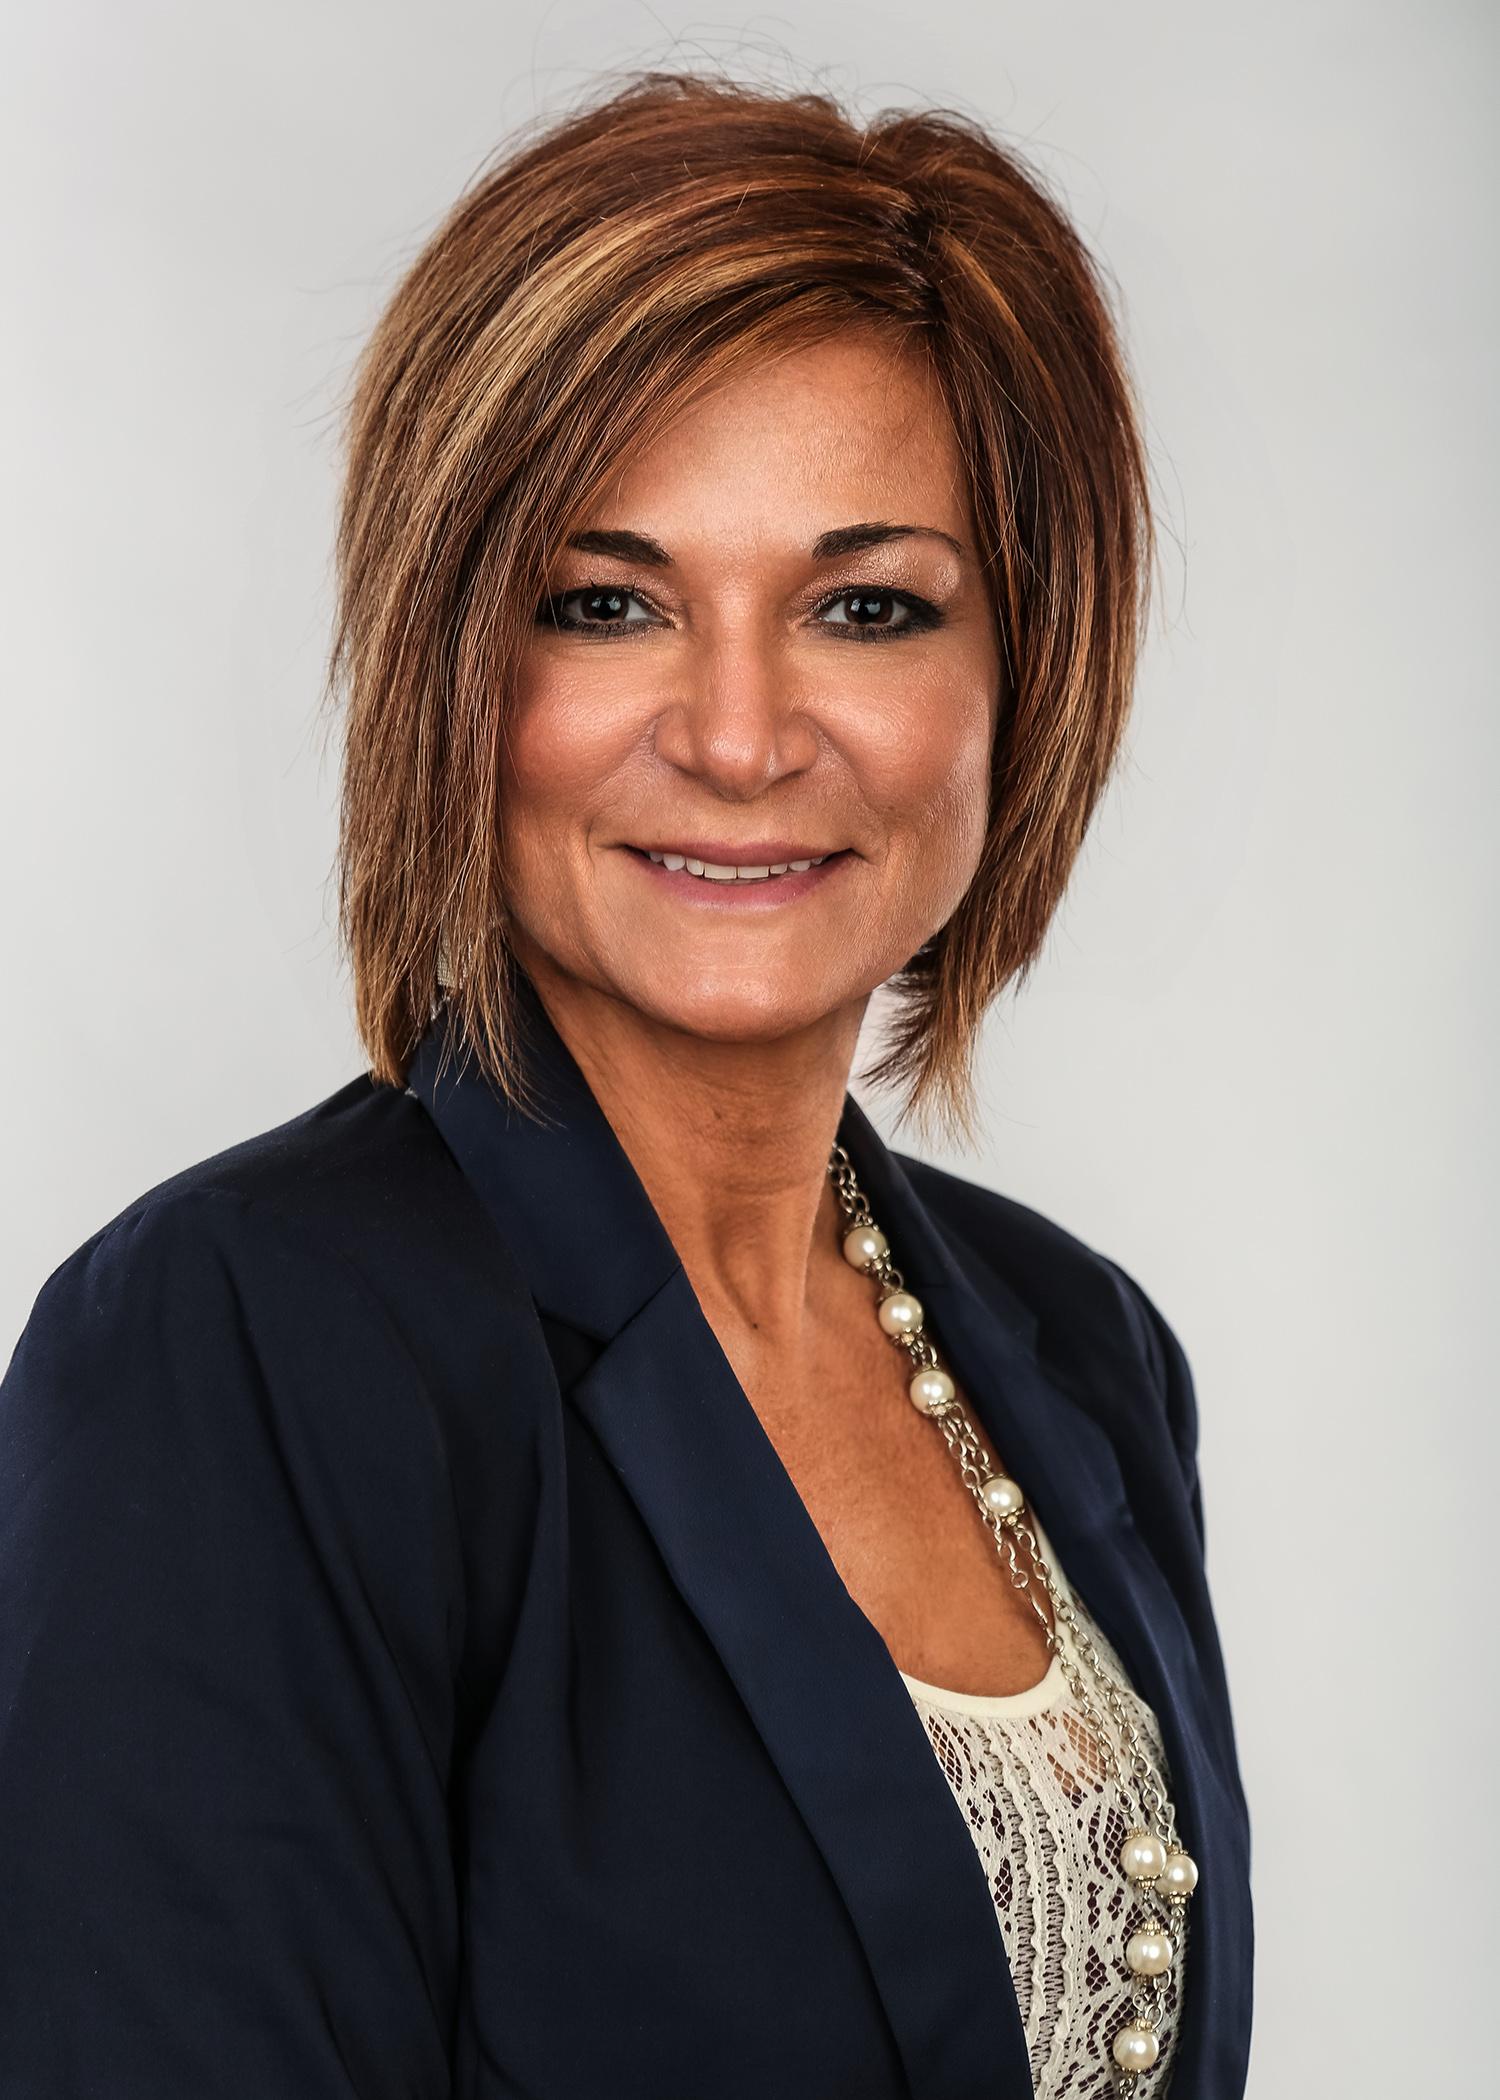 Erica Cole